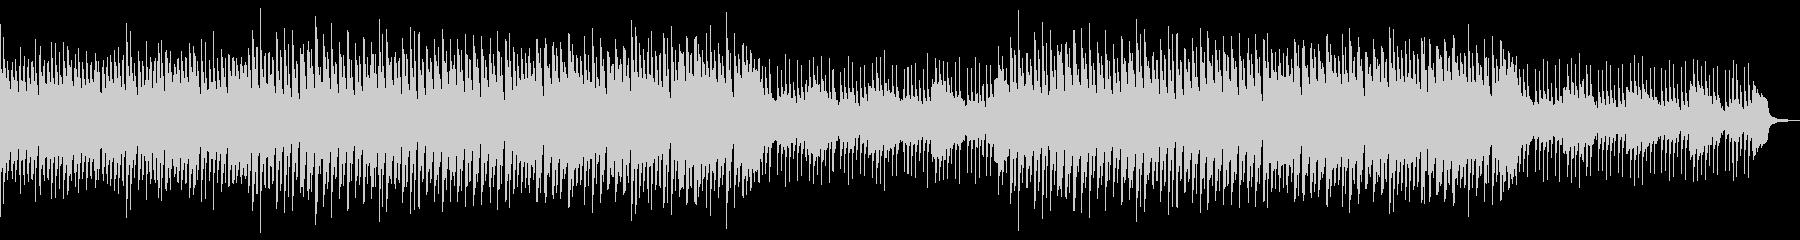 三味線と琴の和風でほのぼのしたBGMの未再生の波形